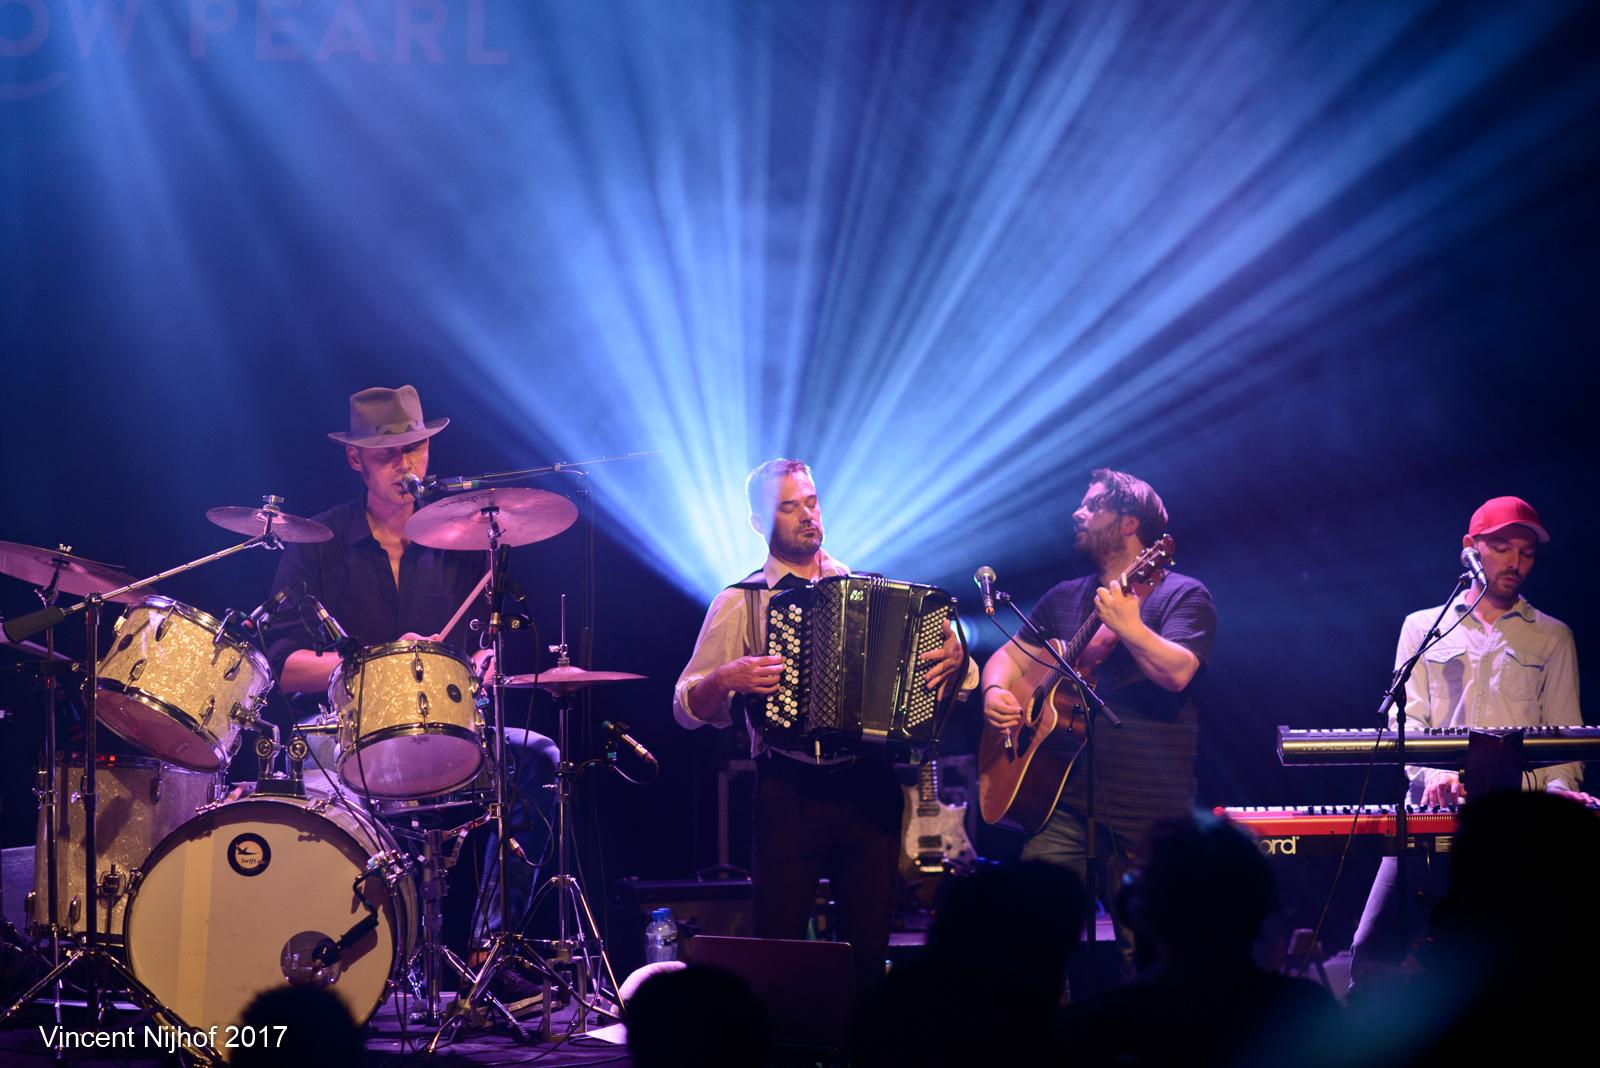 Yellow-Pearl-artist-Gigant-Apeldoorn-concert-04